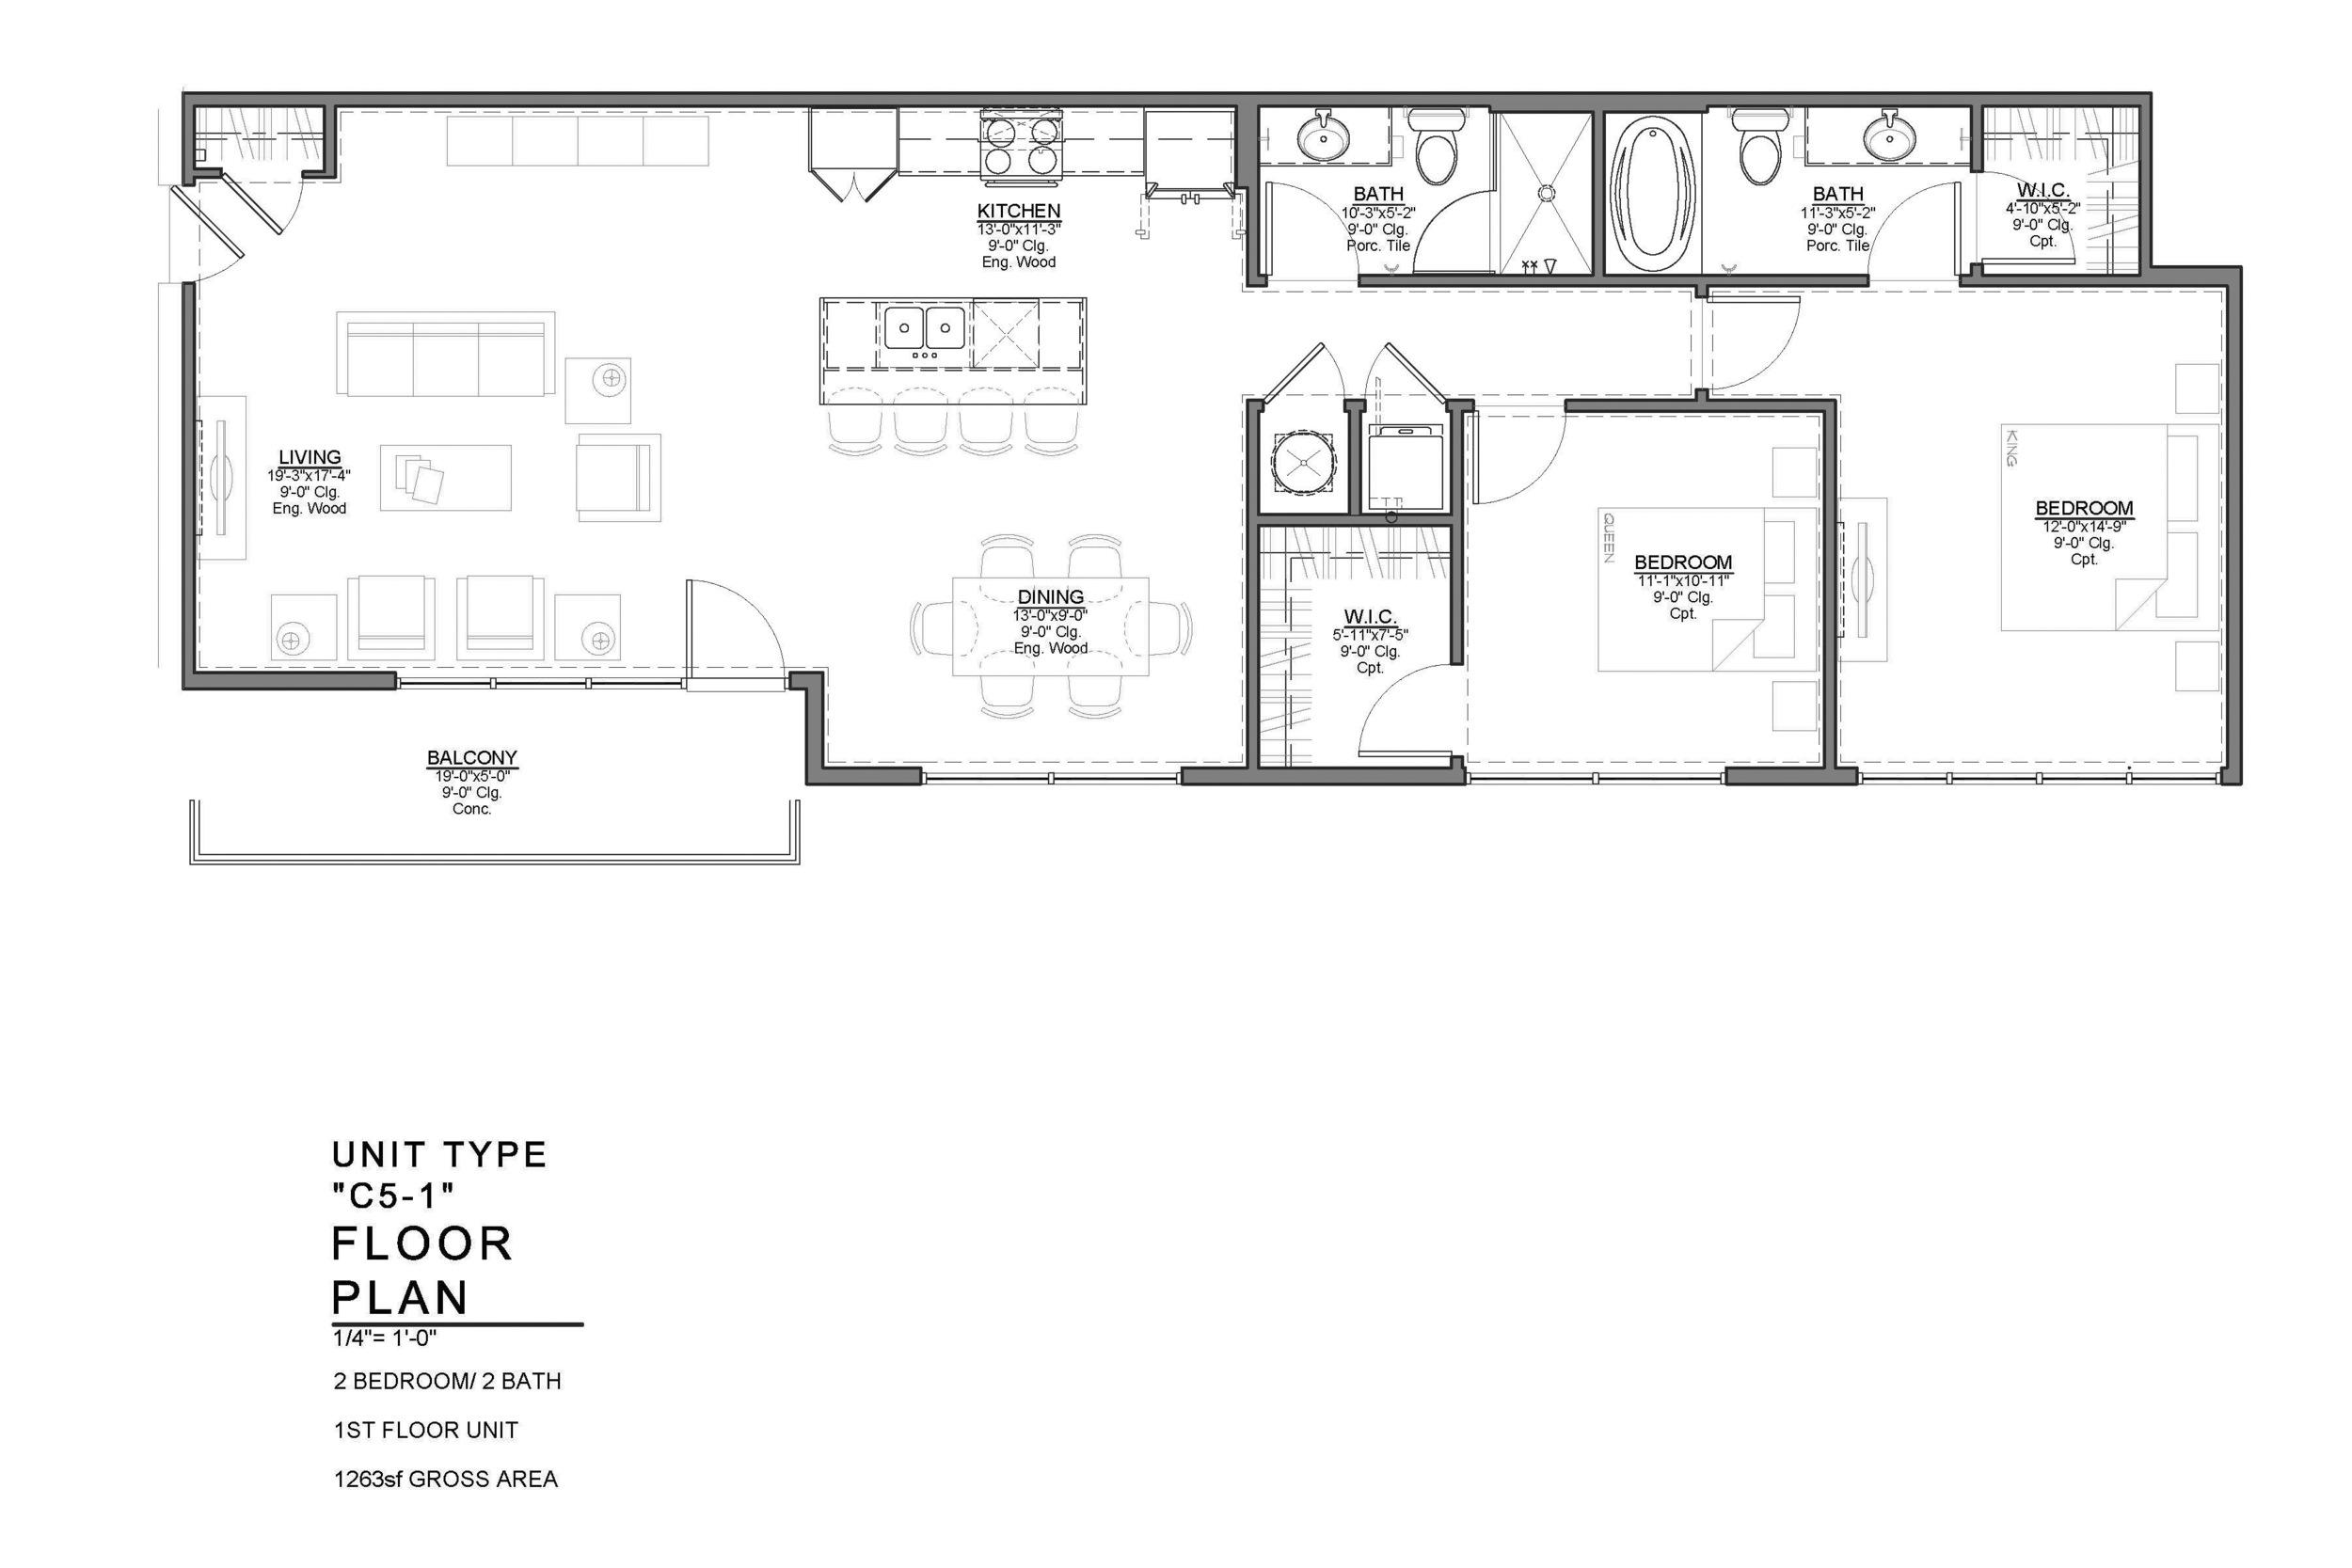 C5-1 FLOOR PLAN: 2 BEDROOM / 2 BATH